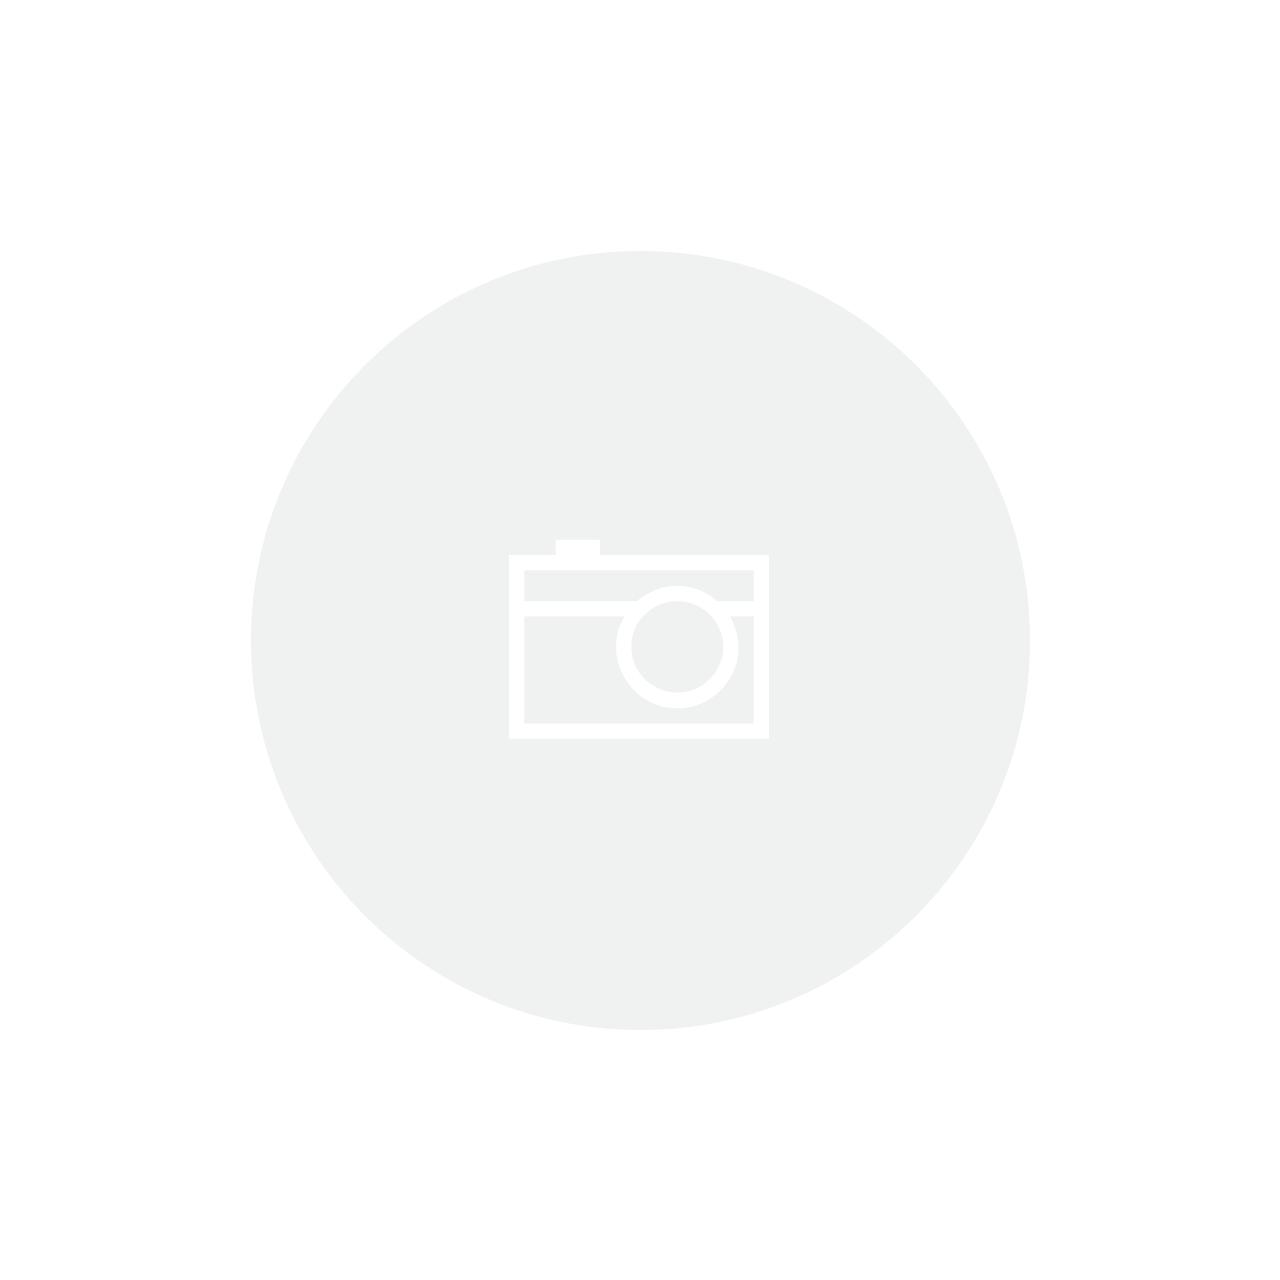 Ref - 35032 - Sapatilha linda com lacinho clássico amoreco